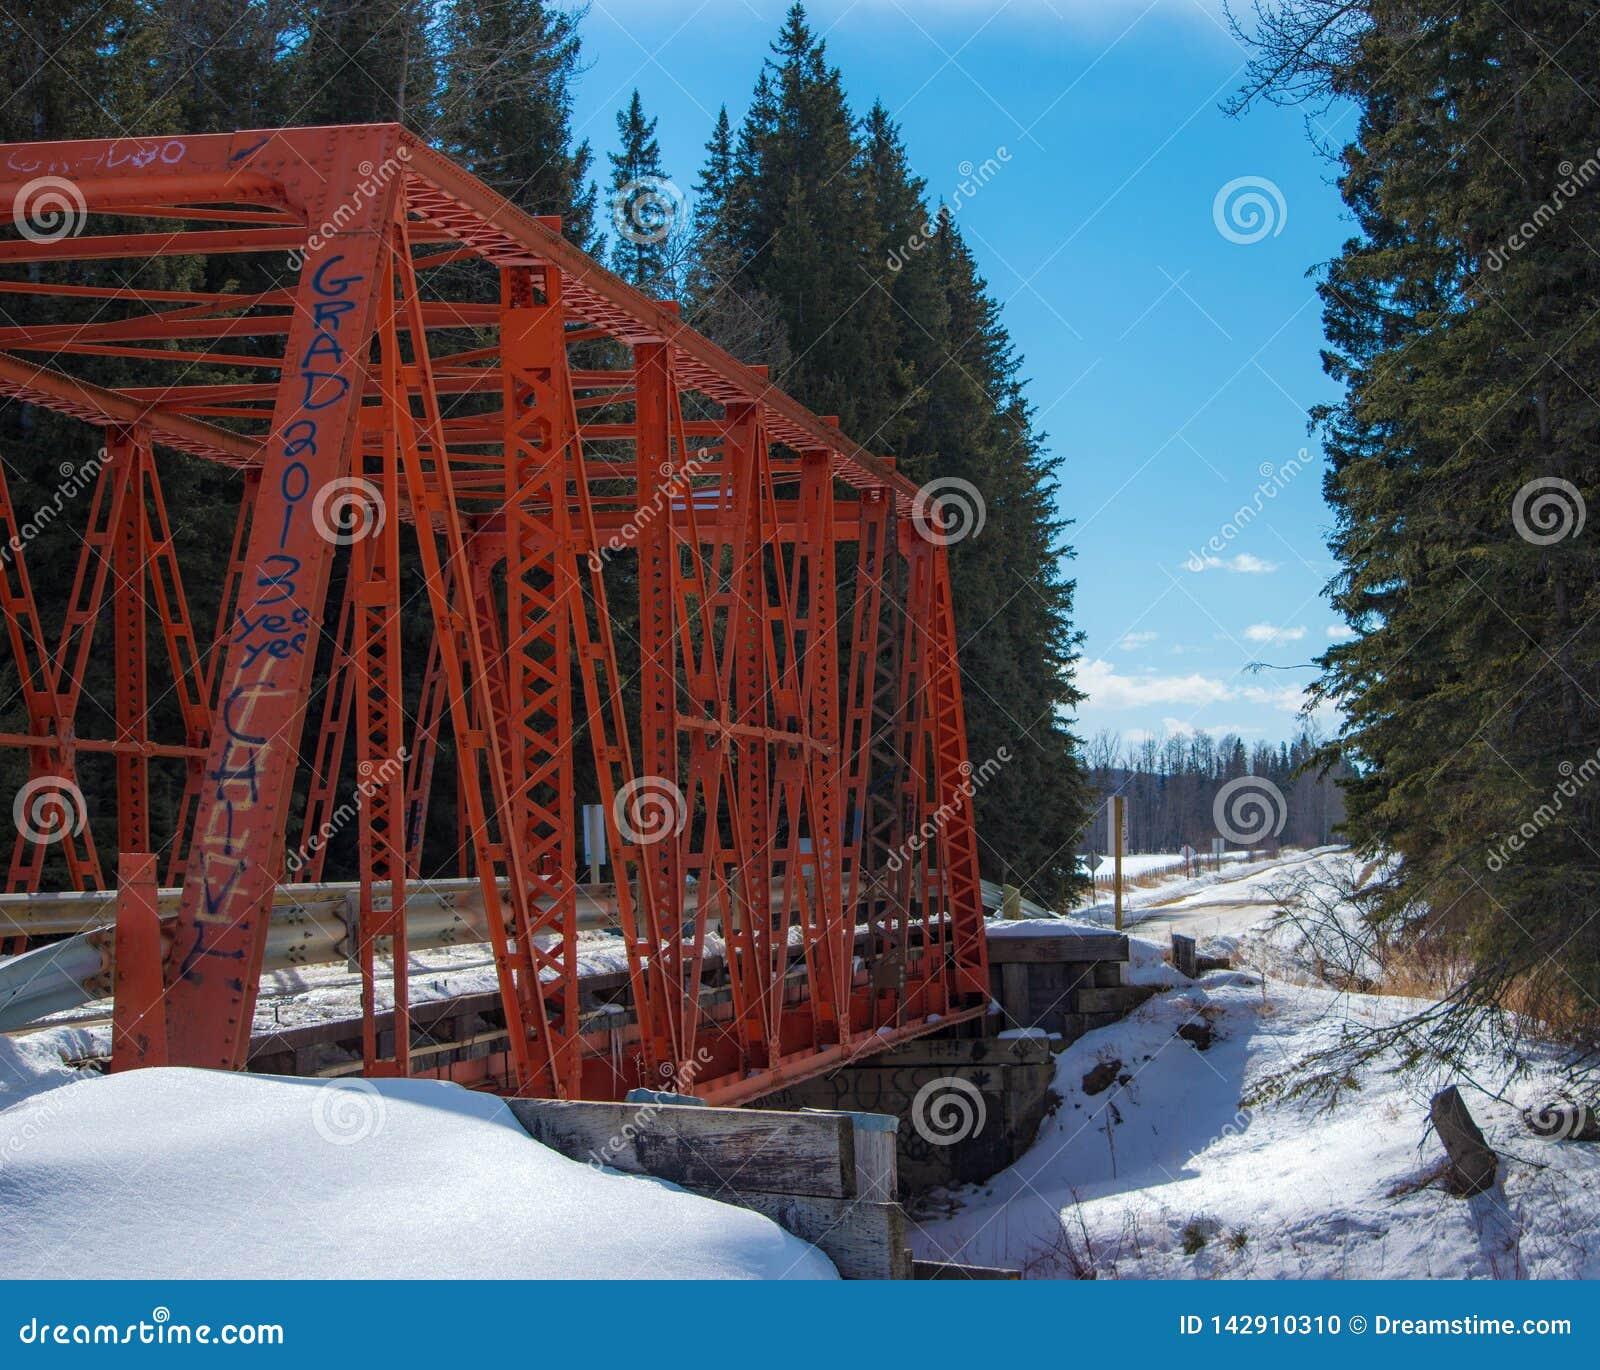 Keivisville bro